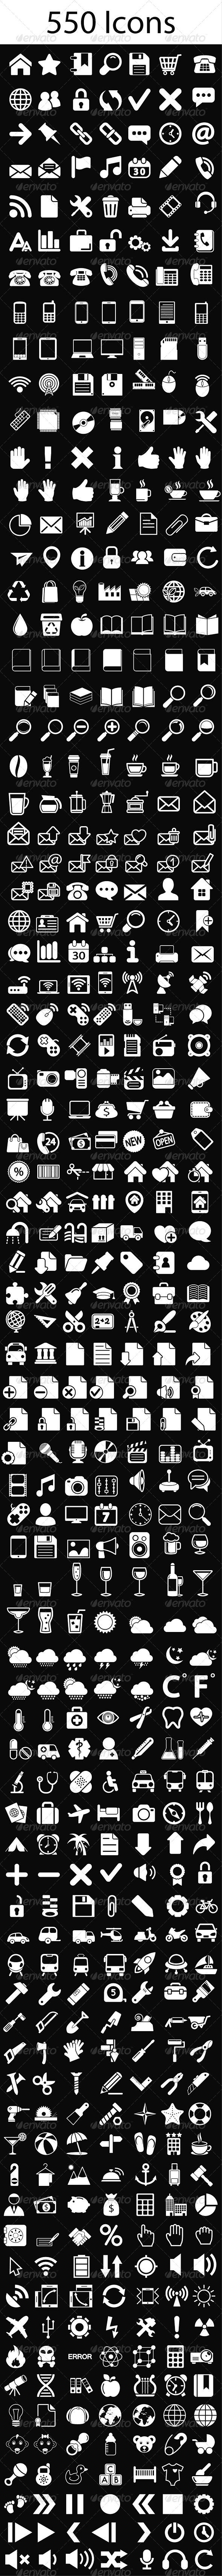 White Icons Set - Icons